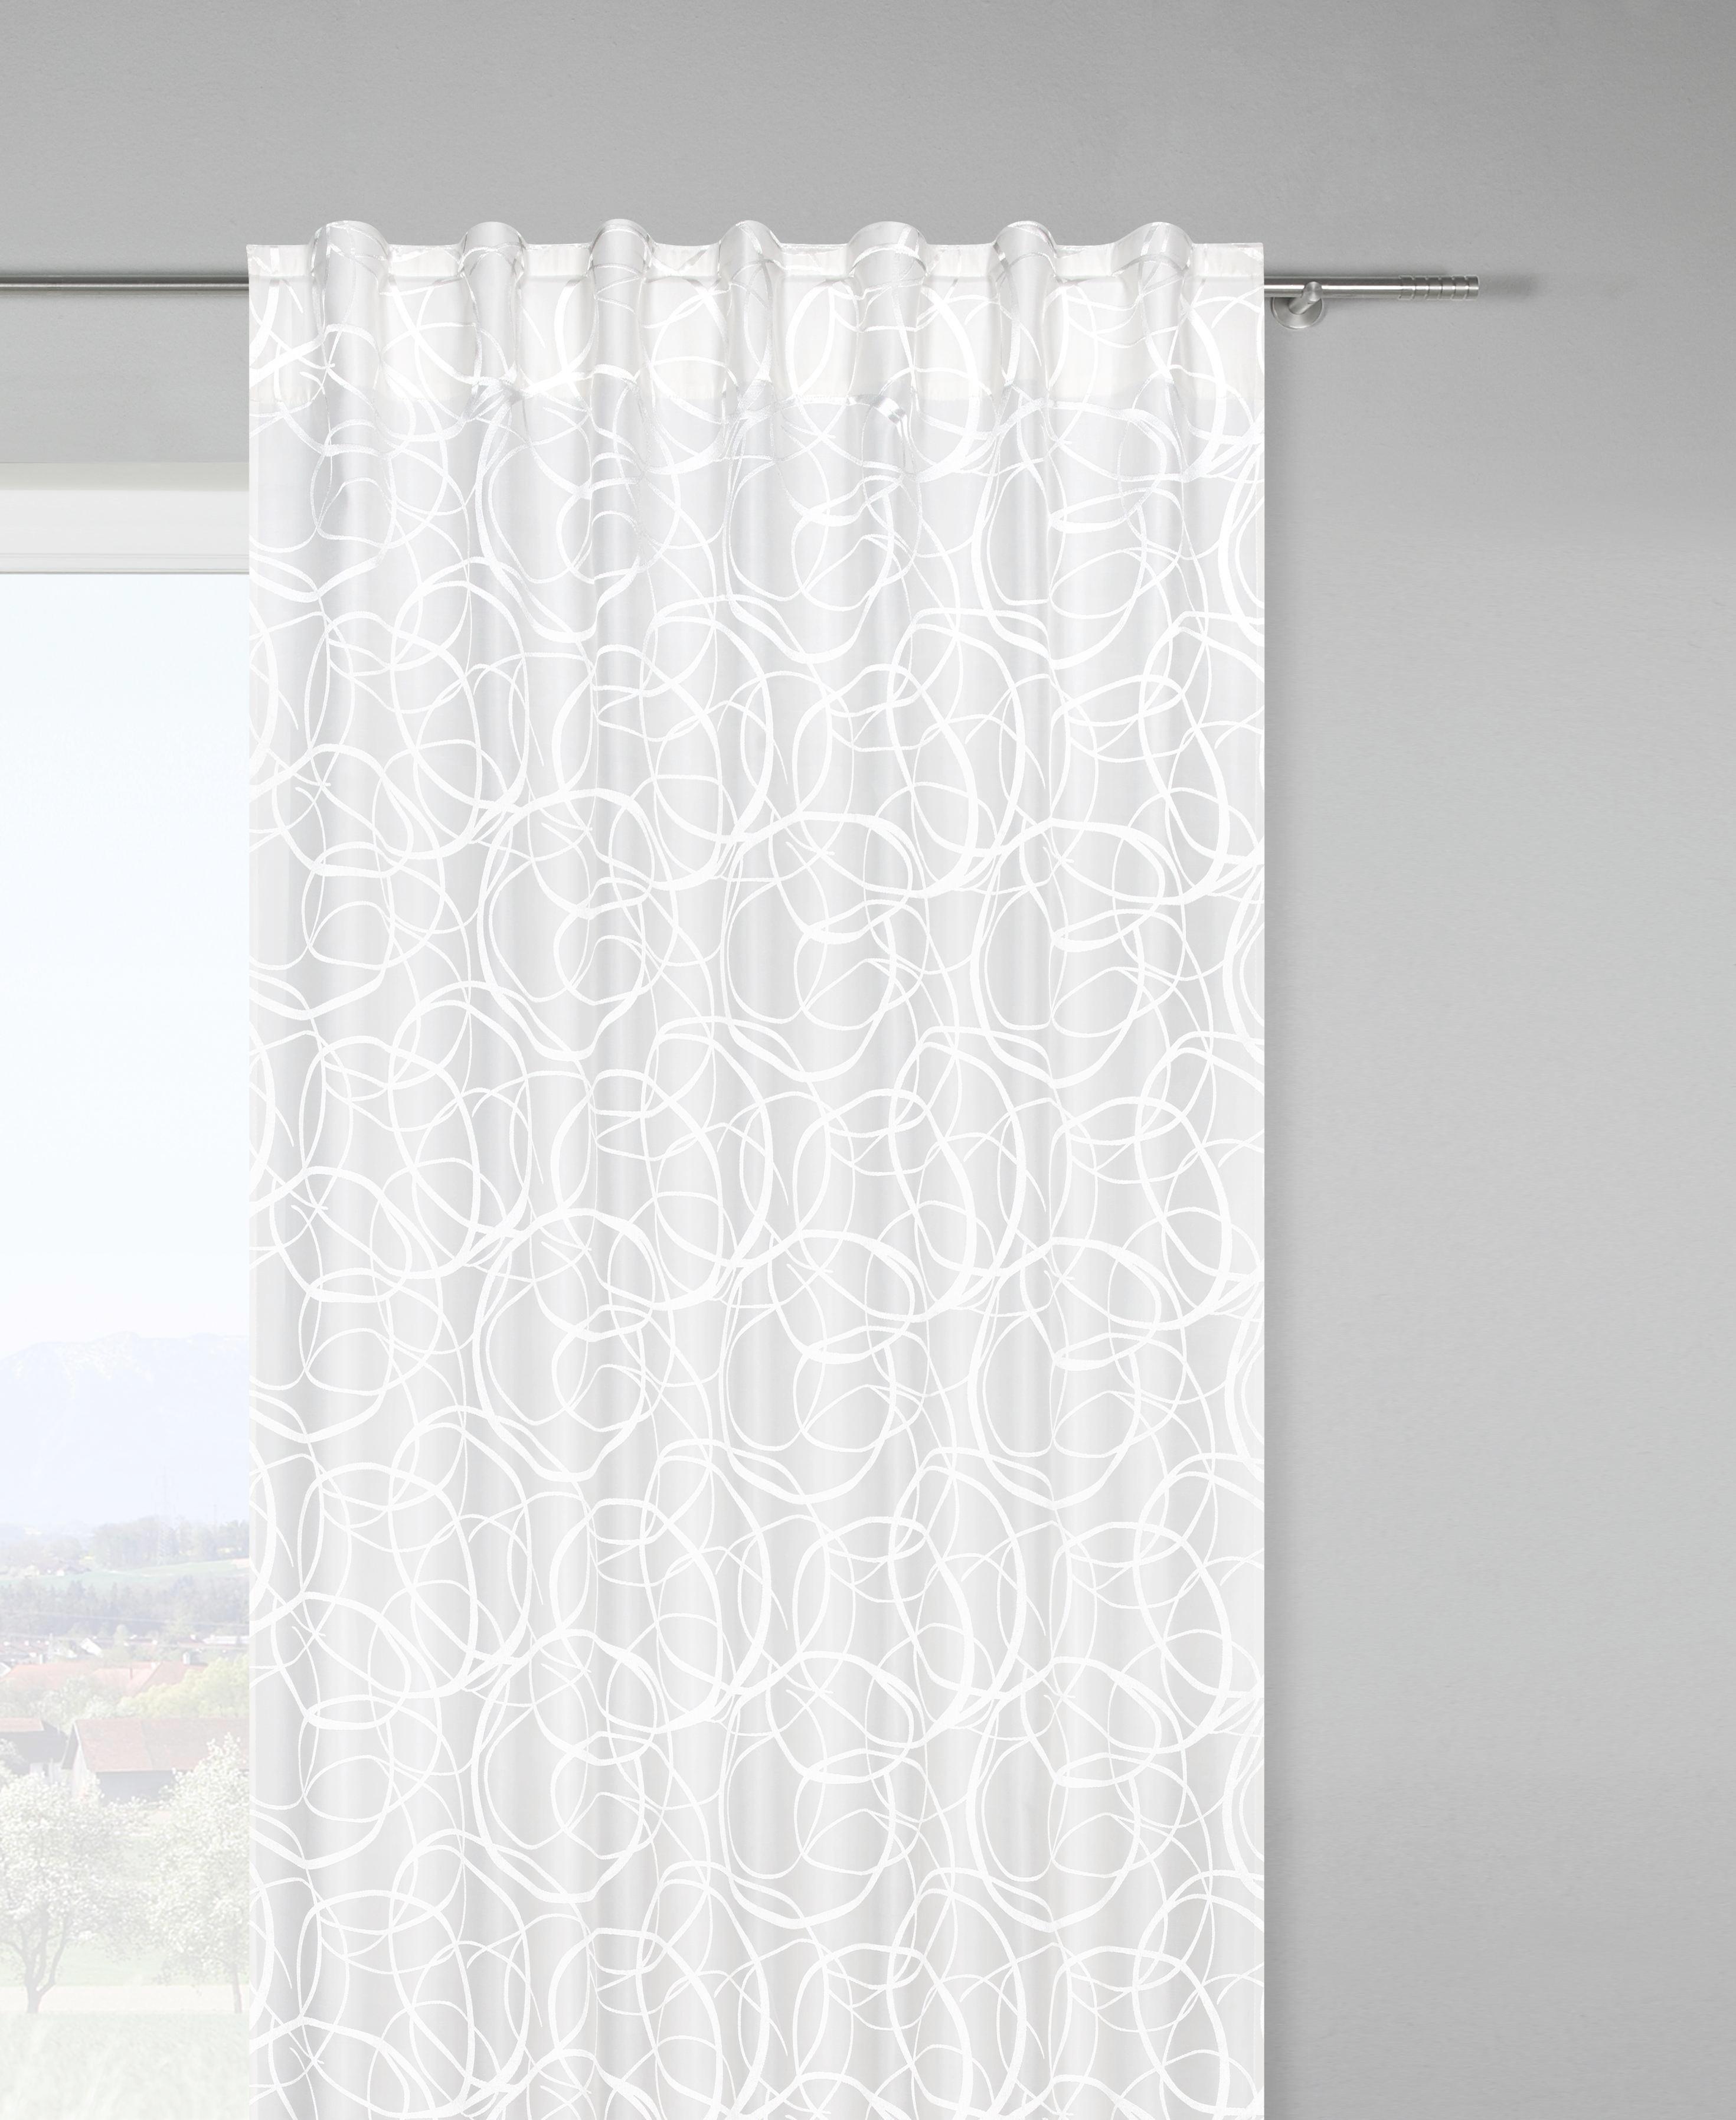 Schlaufenschal Marlene, ca. 140x245cm - Weiß, KONVENTIONELL, Textil (140/245cm) - MÖMAX modern living